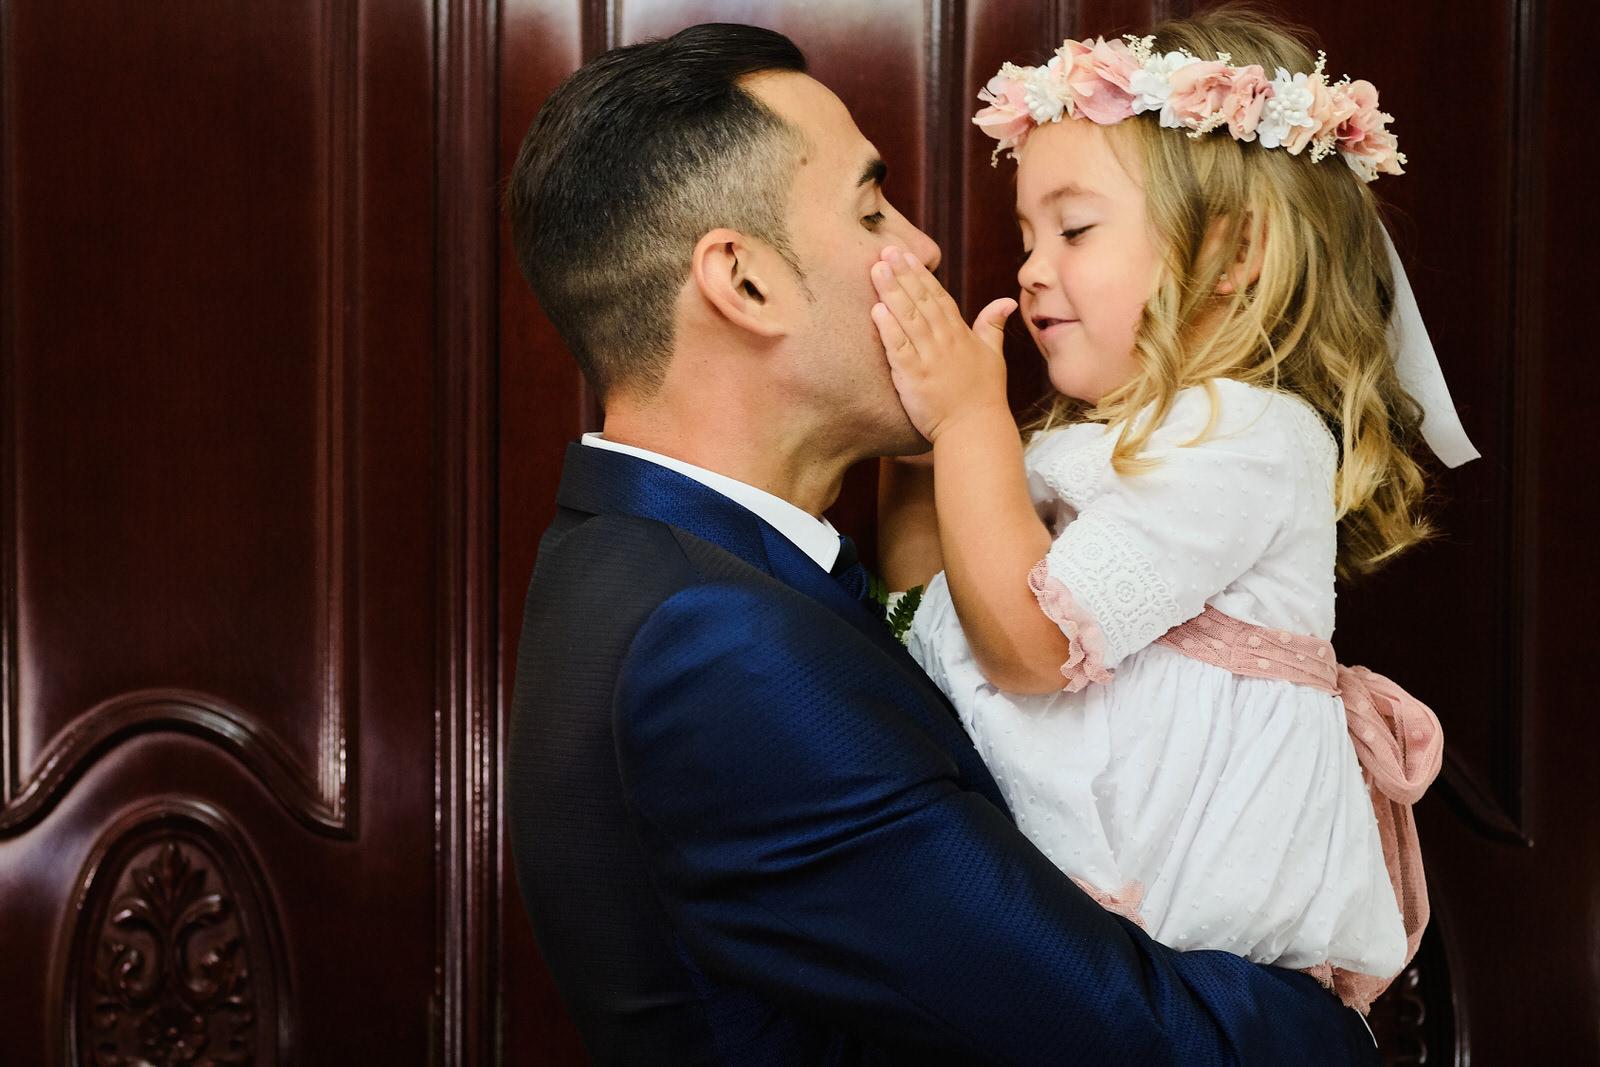 Los mejores momentos en la boda de Inés y Jaime